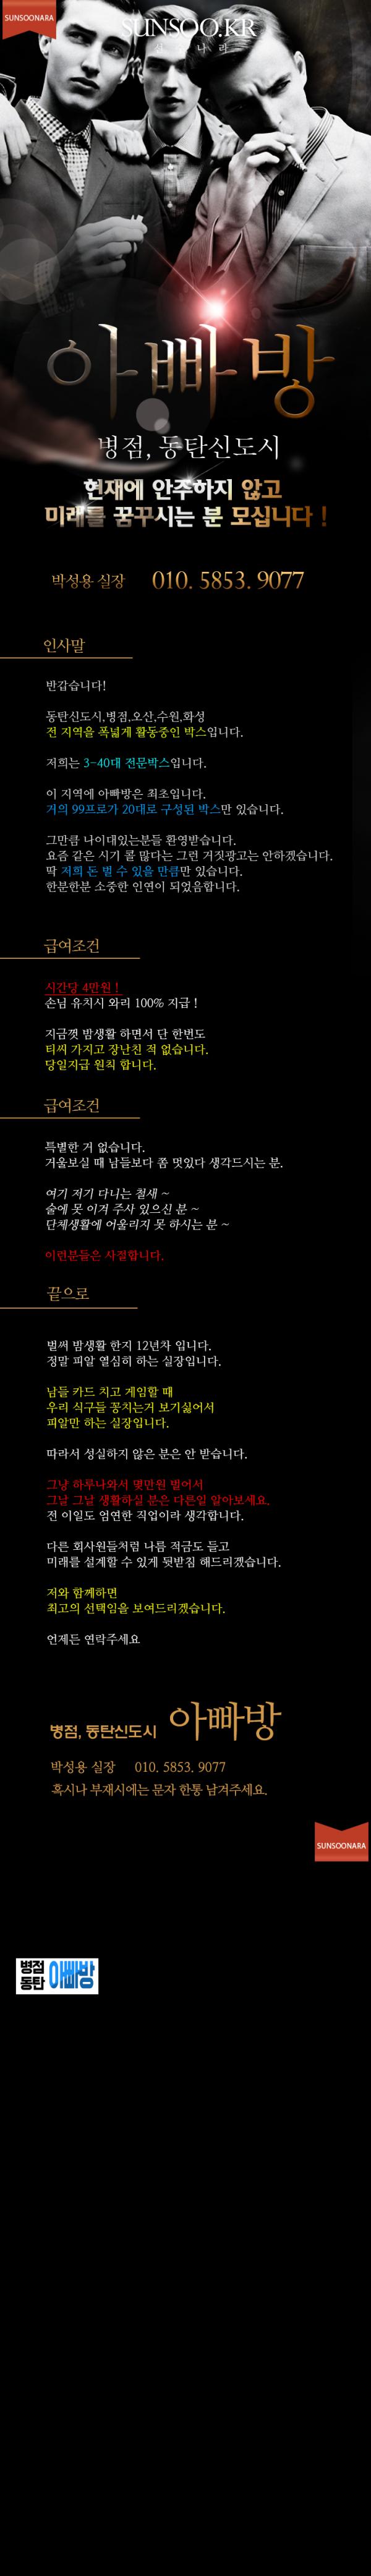 병점동탄 아빠방.png